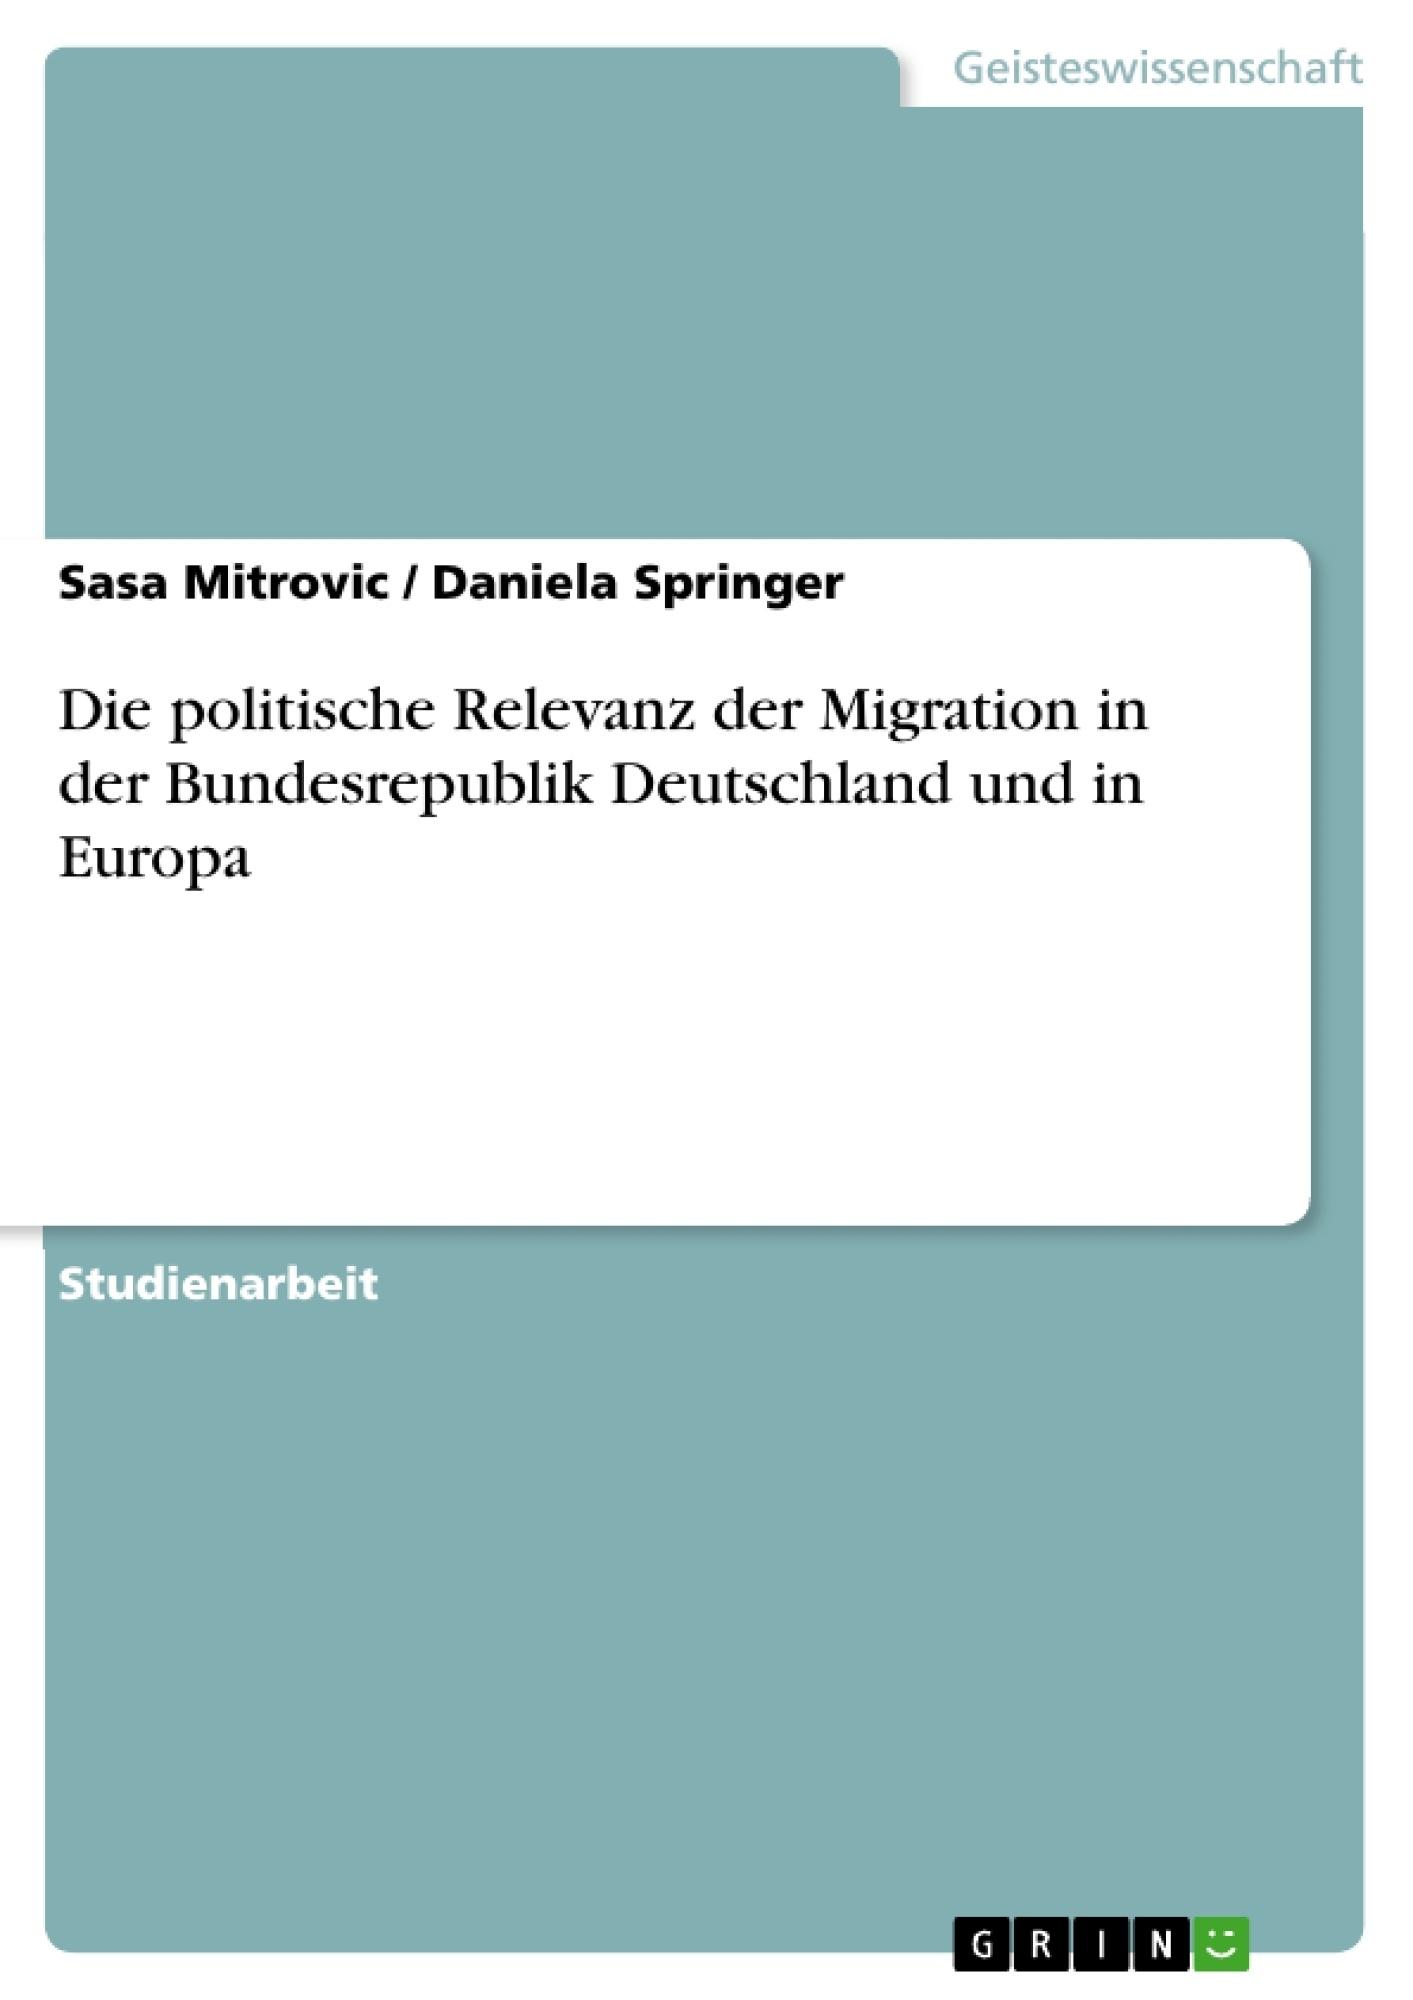 Titel: Die politische Relevanz der Migration in der Bundesrepublik Deutschland und in Europa